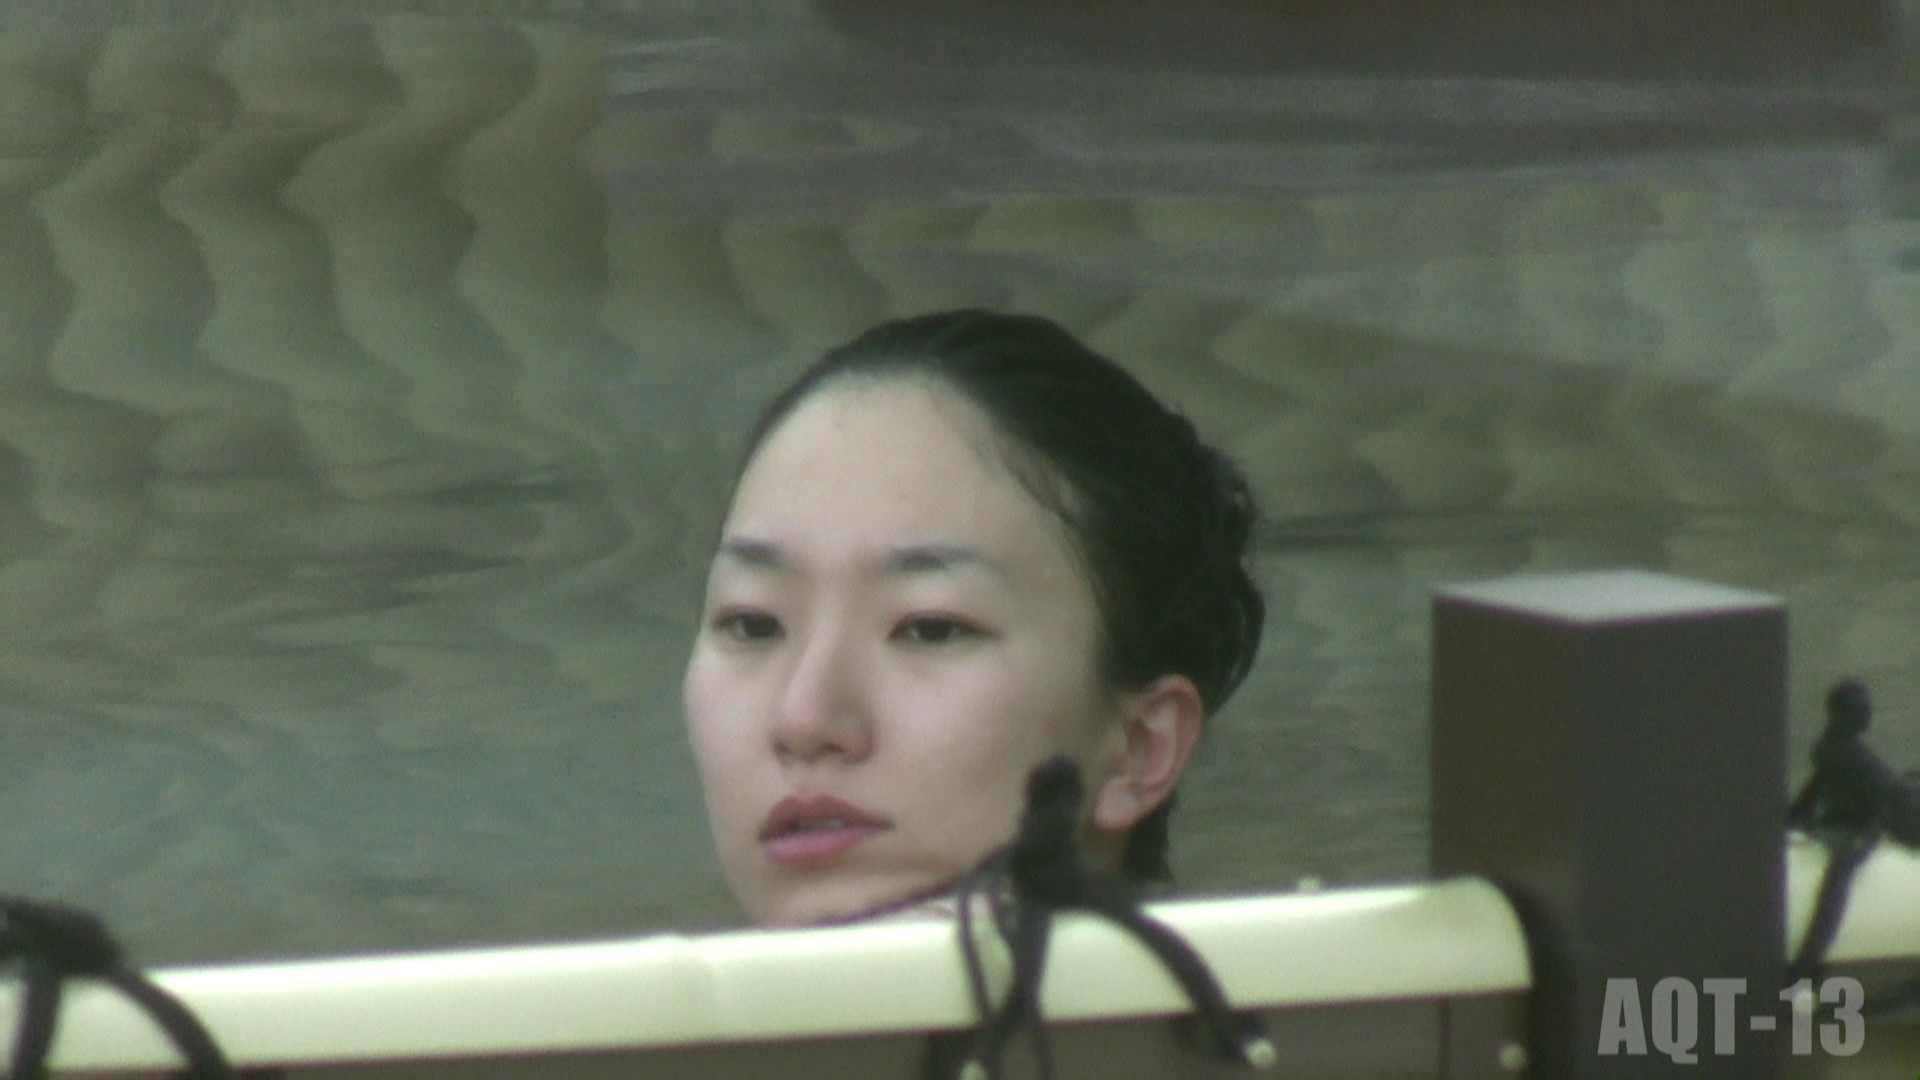 Aquaな露天風呂Vol.818 盗撮 オメコ動画キャプチャ 88画像 44